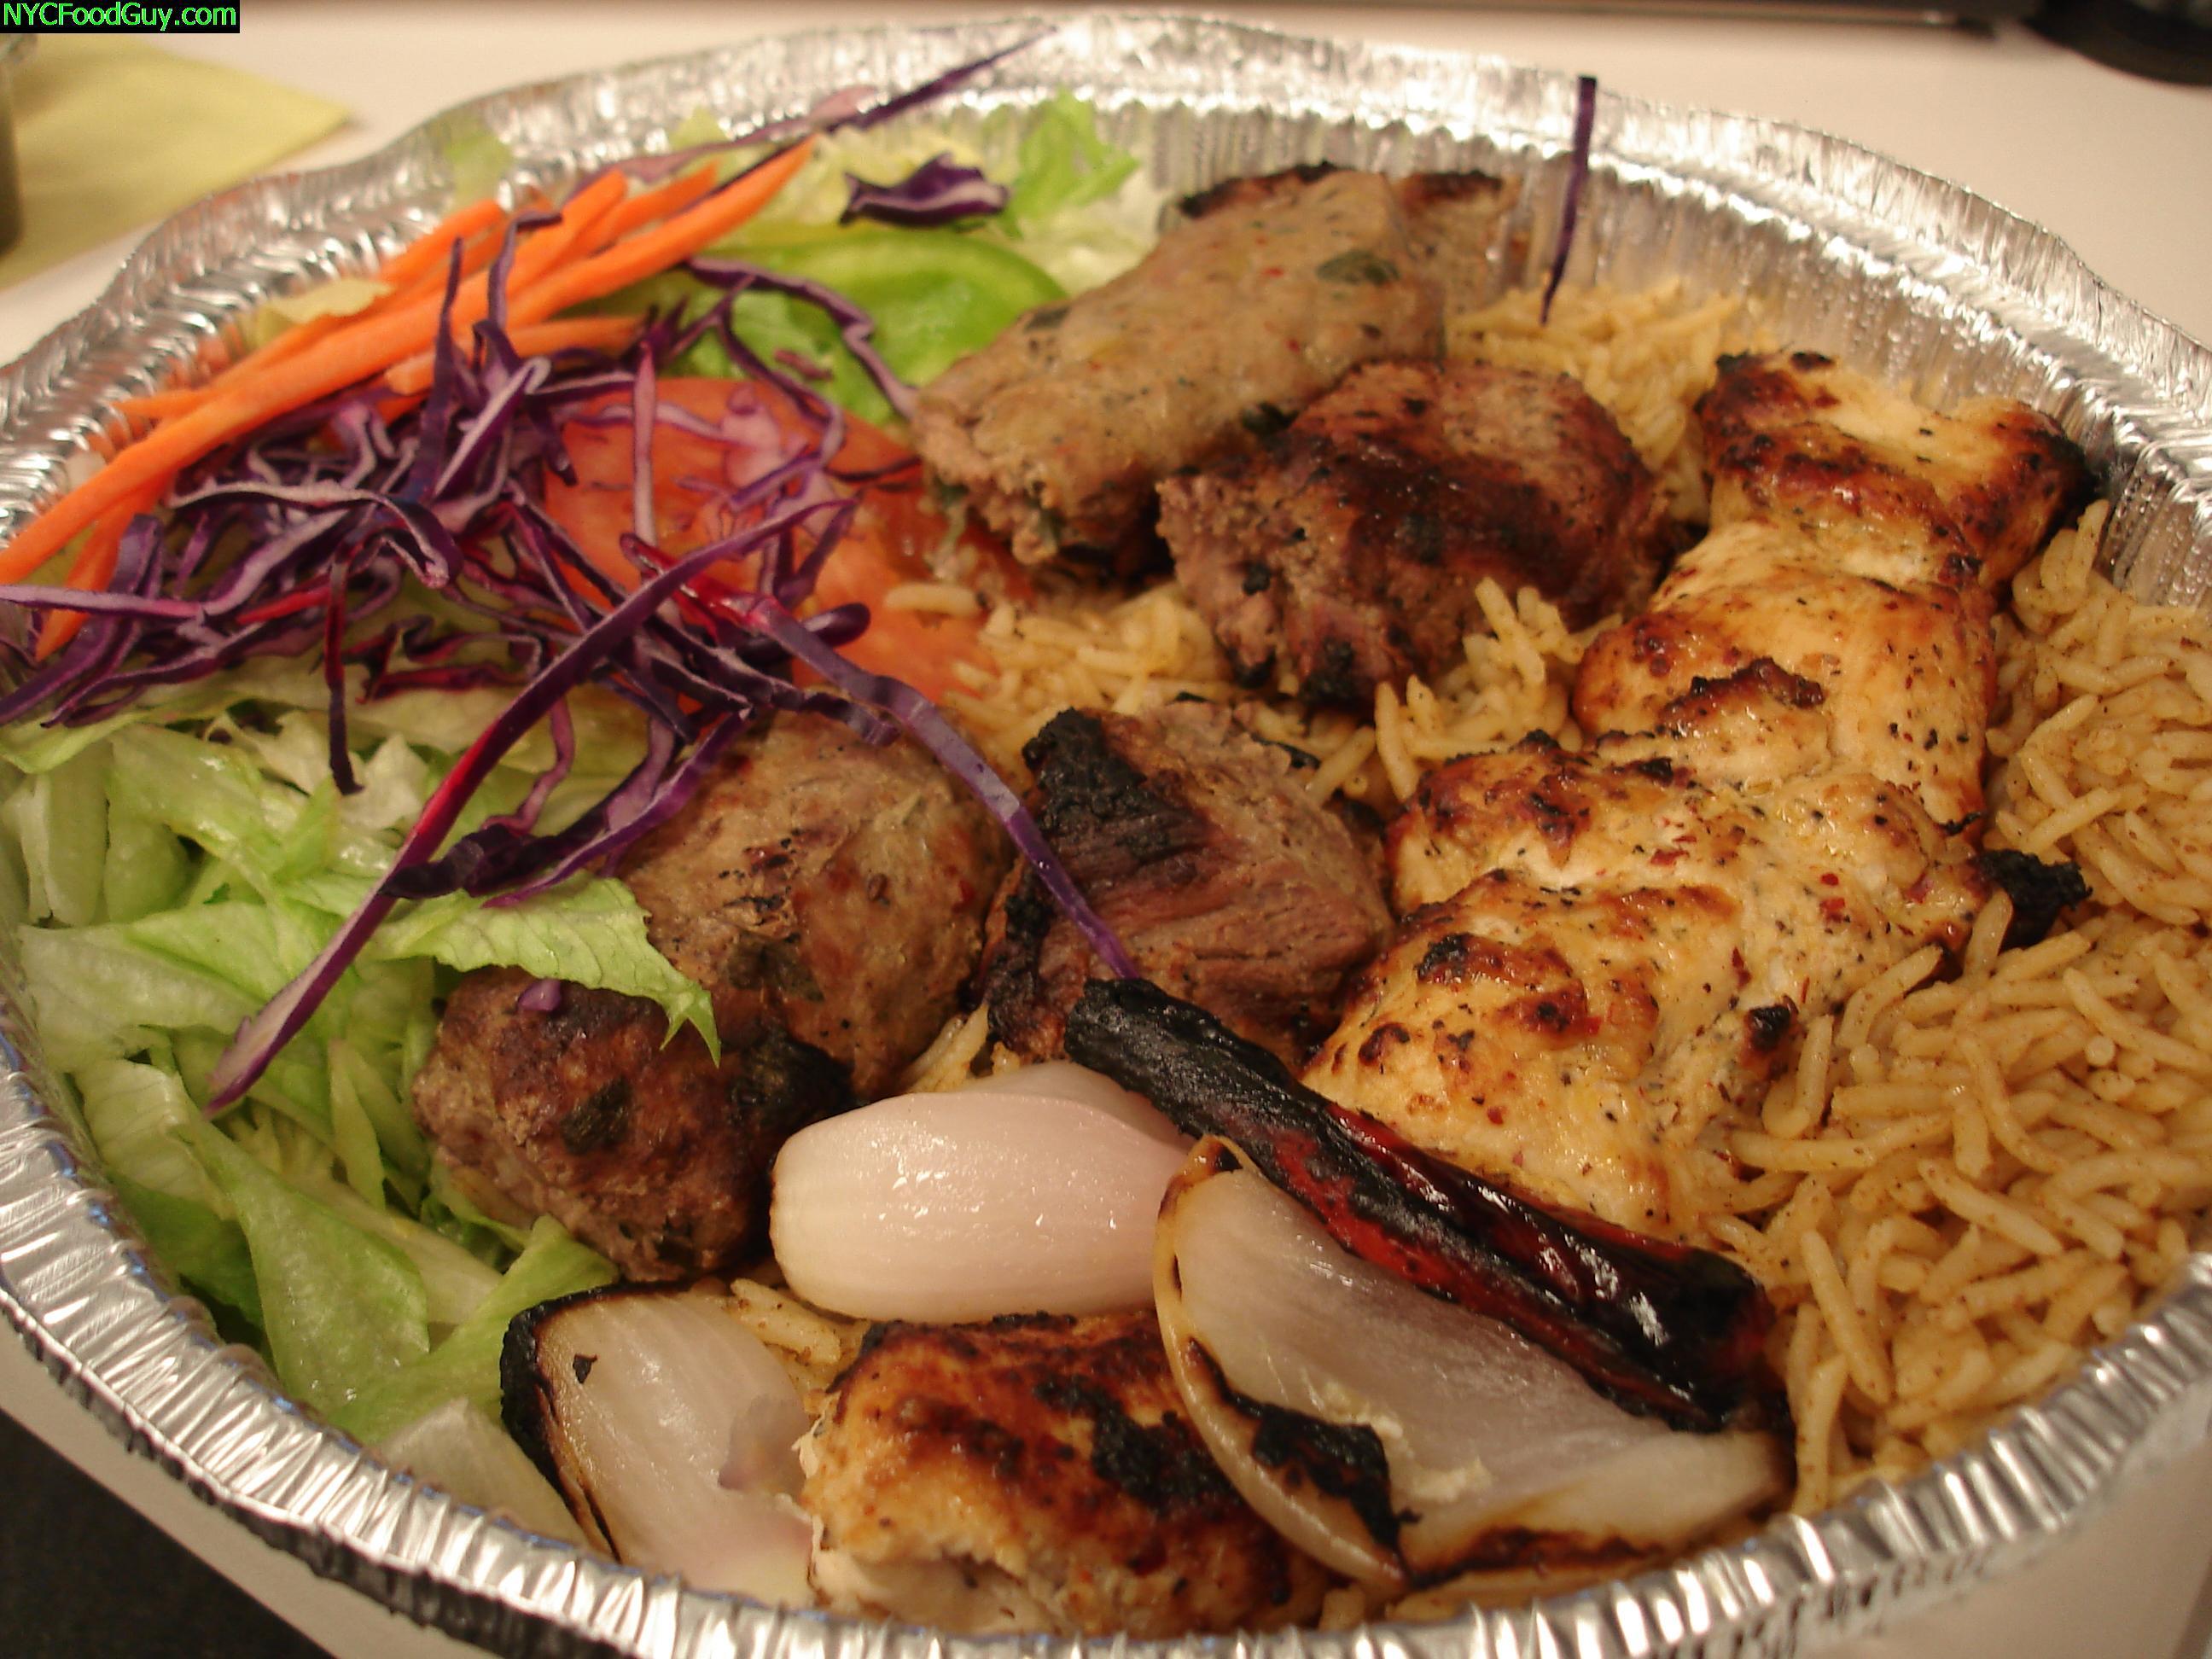 afghan-kebab-house-1-007